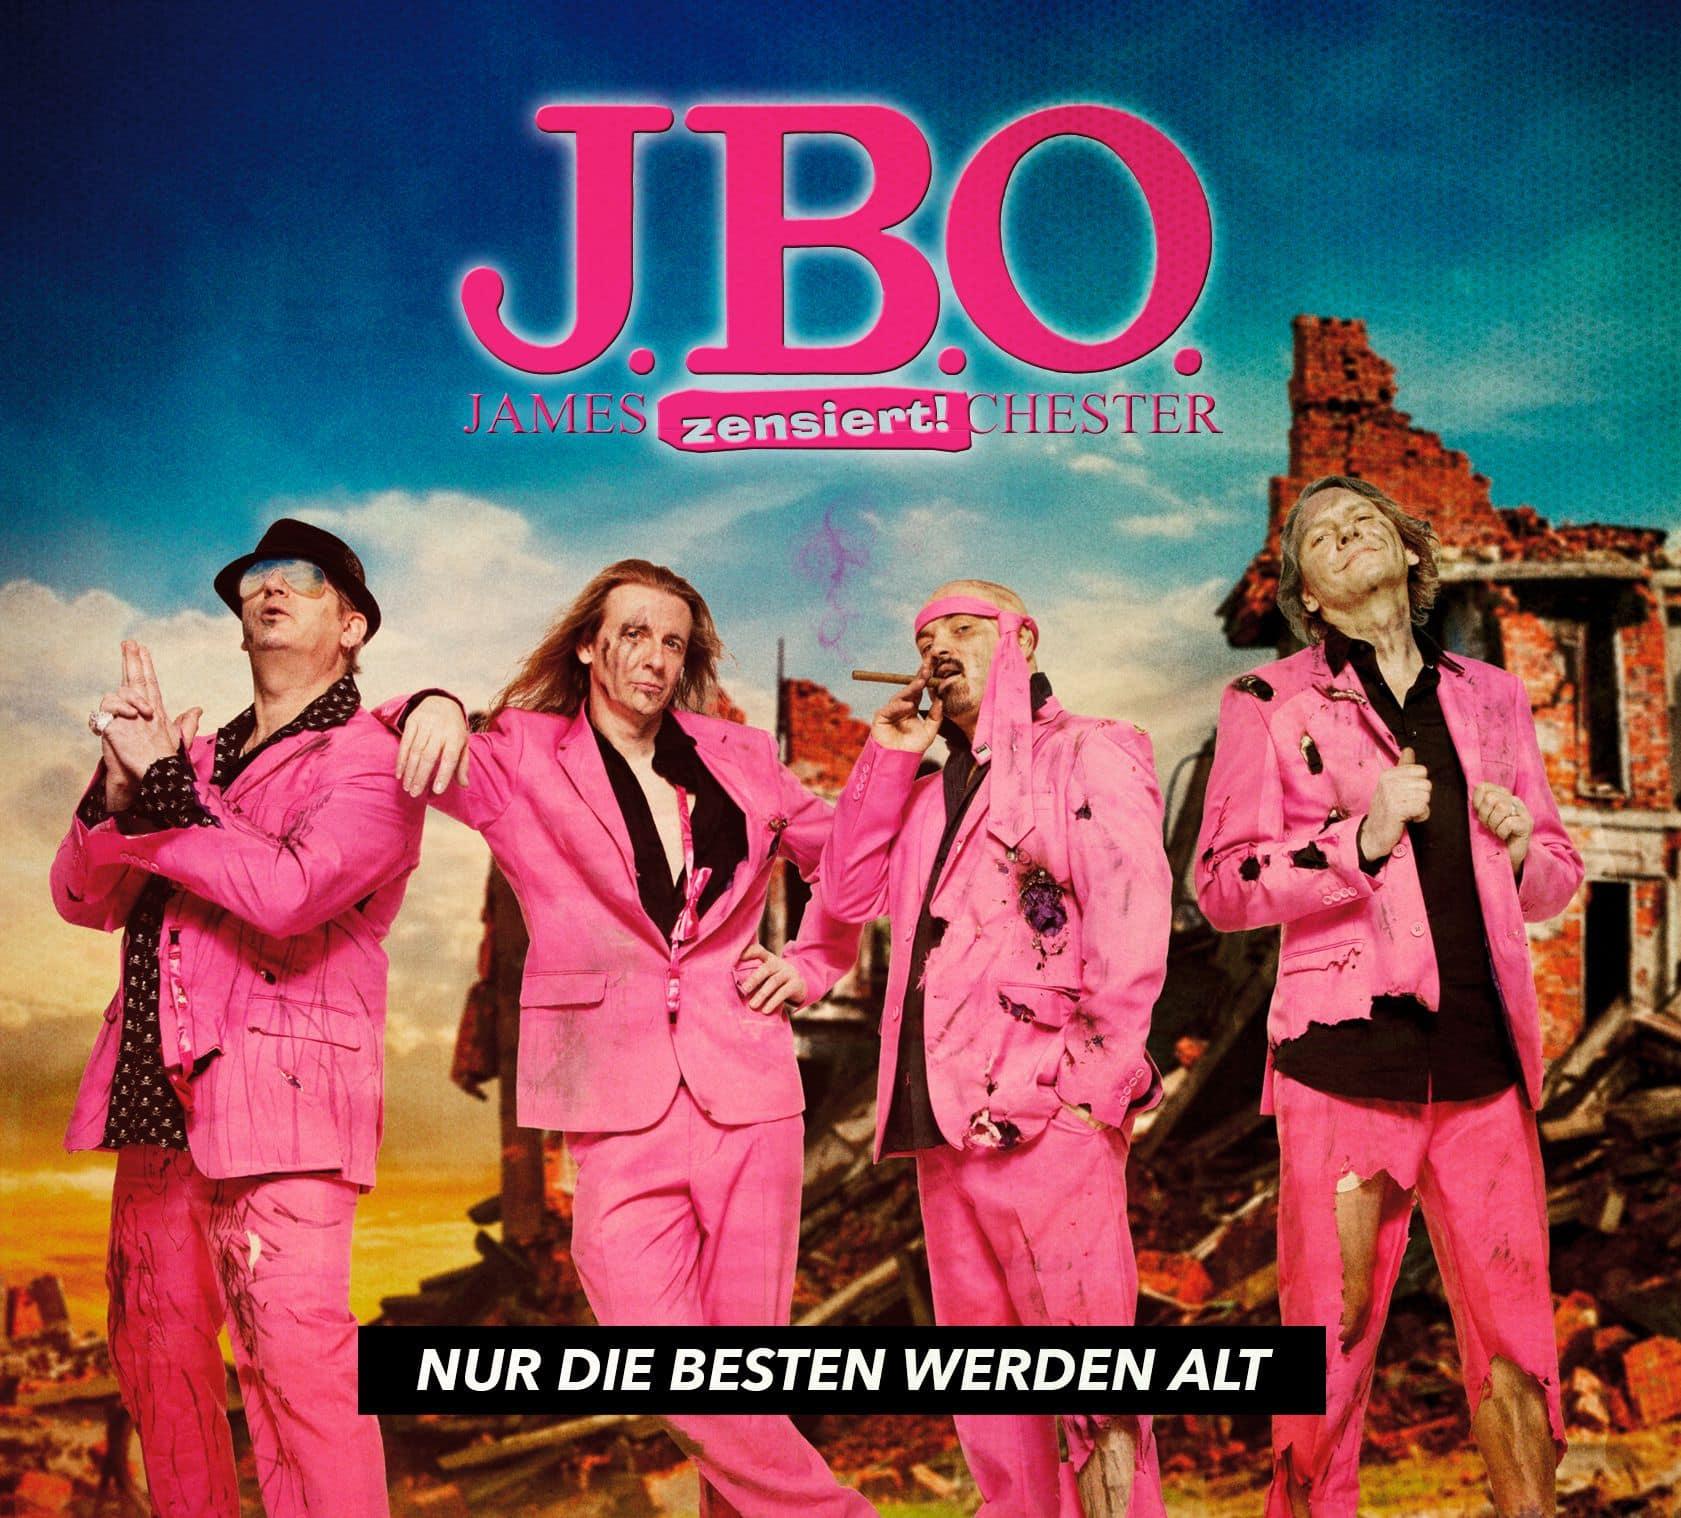 J.B.O. drehen ein Video – bist Du dabei?